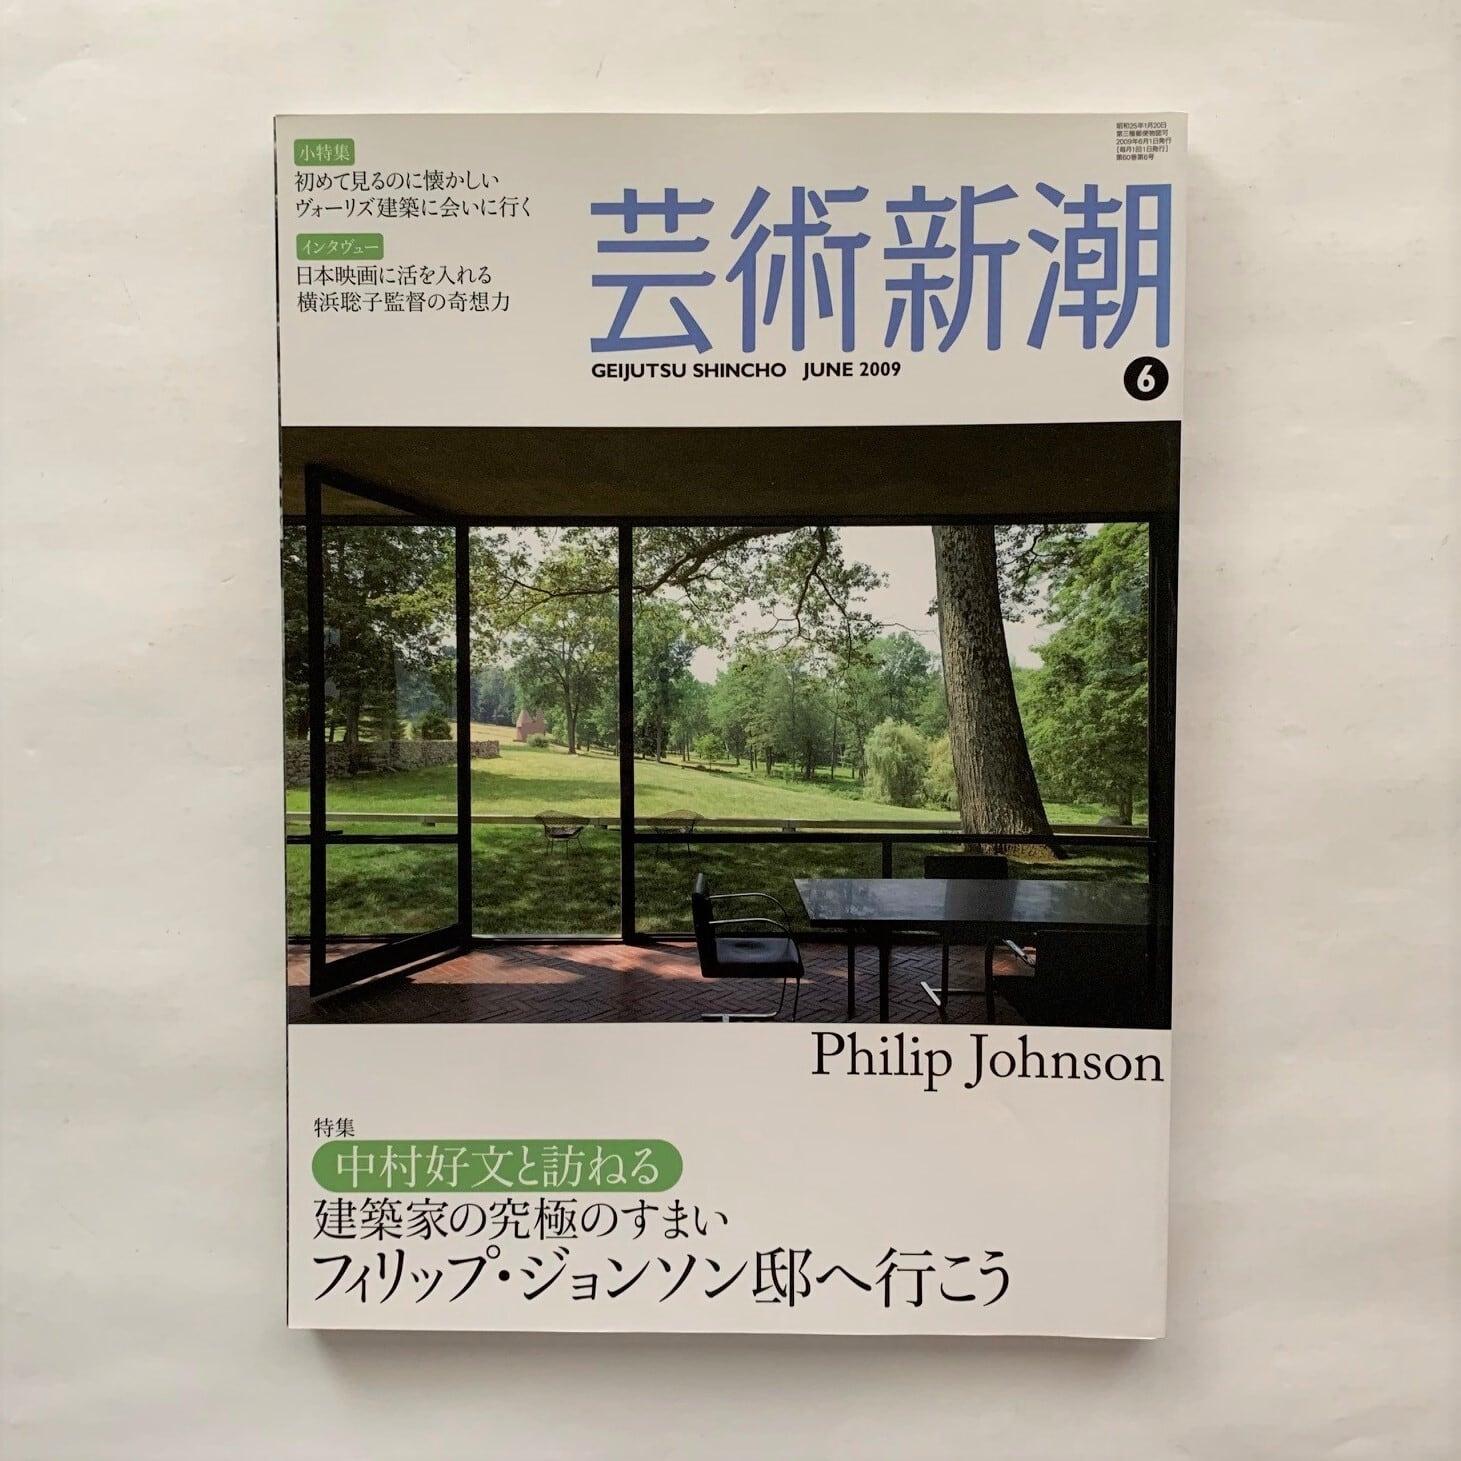 フィリップ・ジョンソン邸へ行こう  / 芸術新潮714号